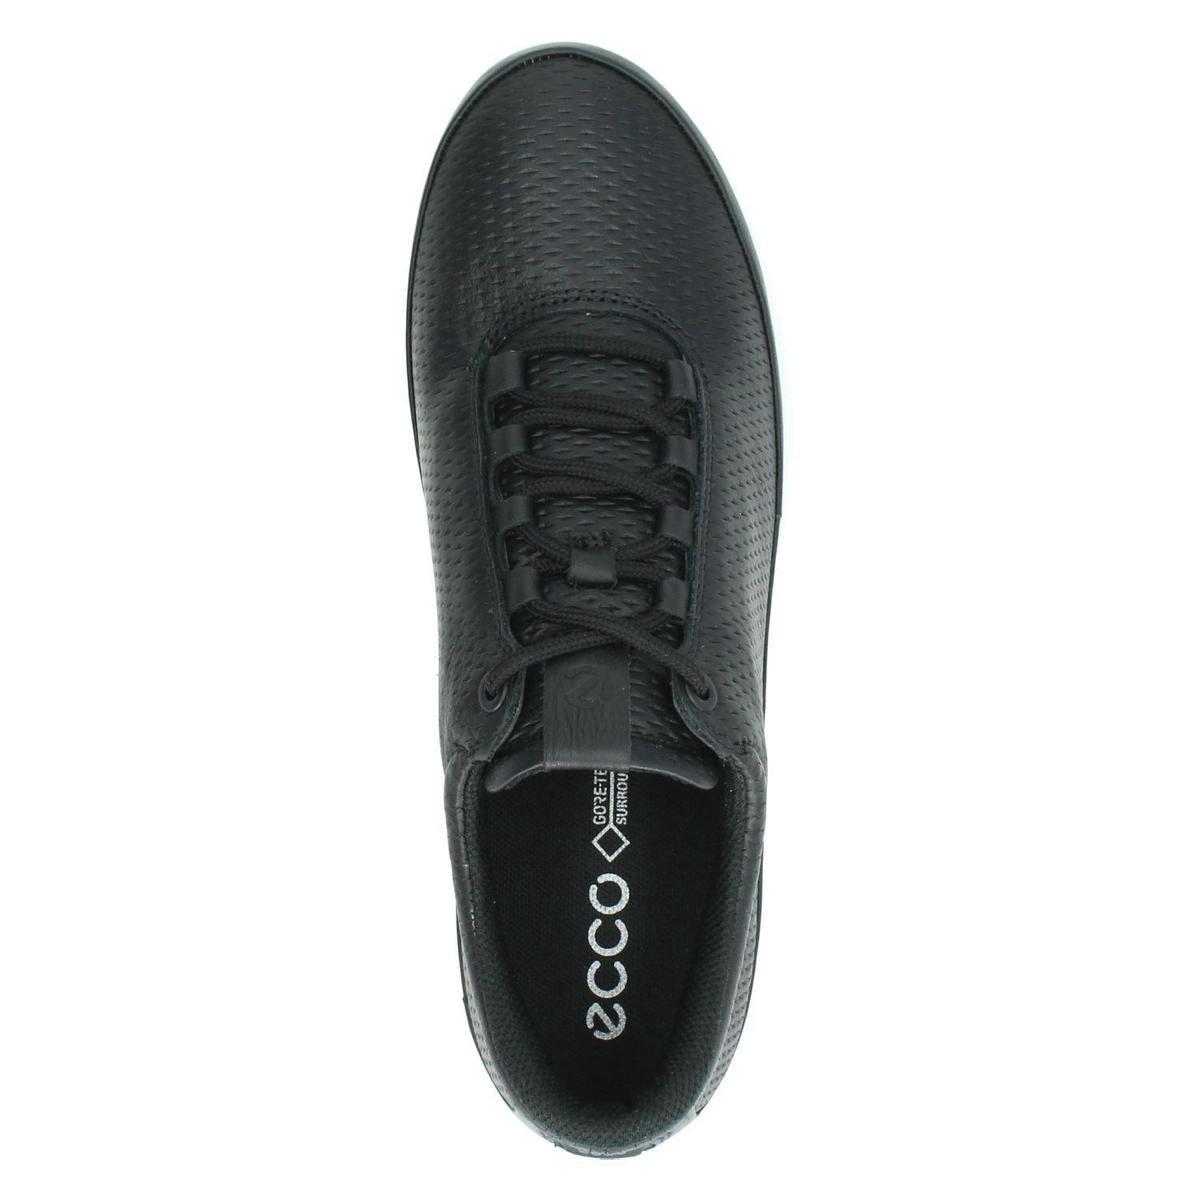 ECCO Cool dames sneaker - Zwart - Maat 42 NXRiZ